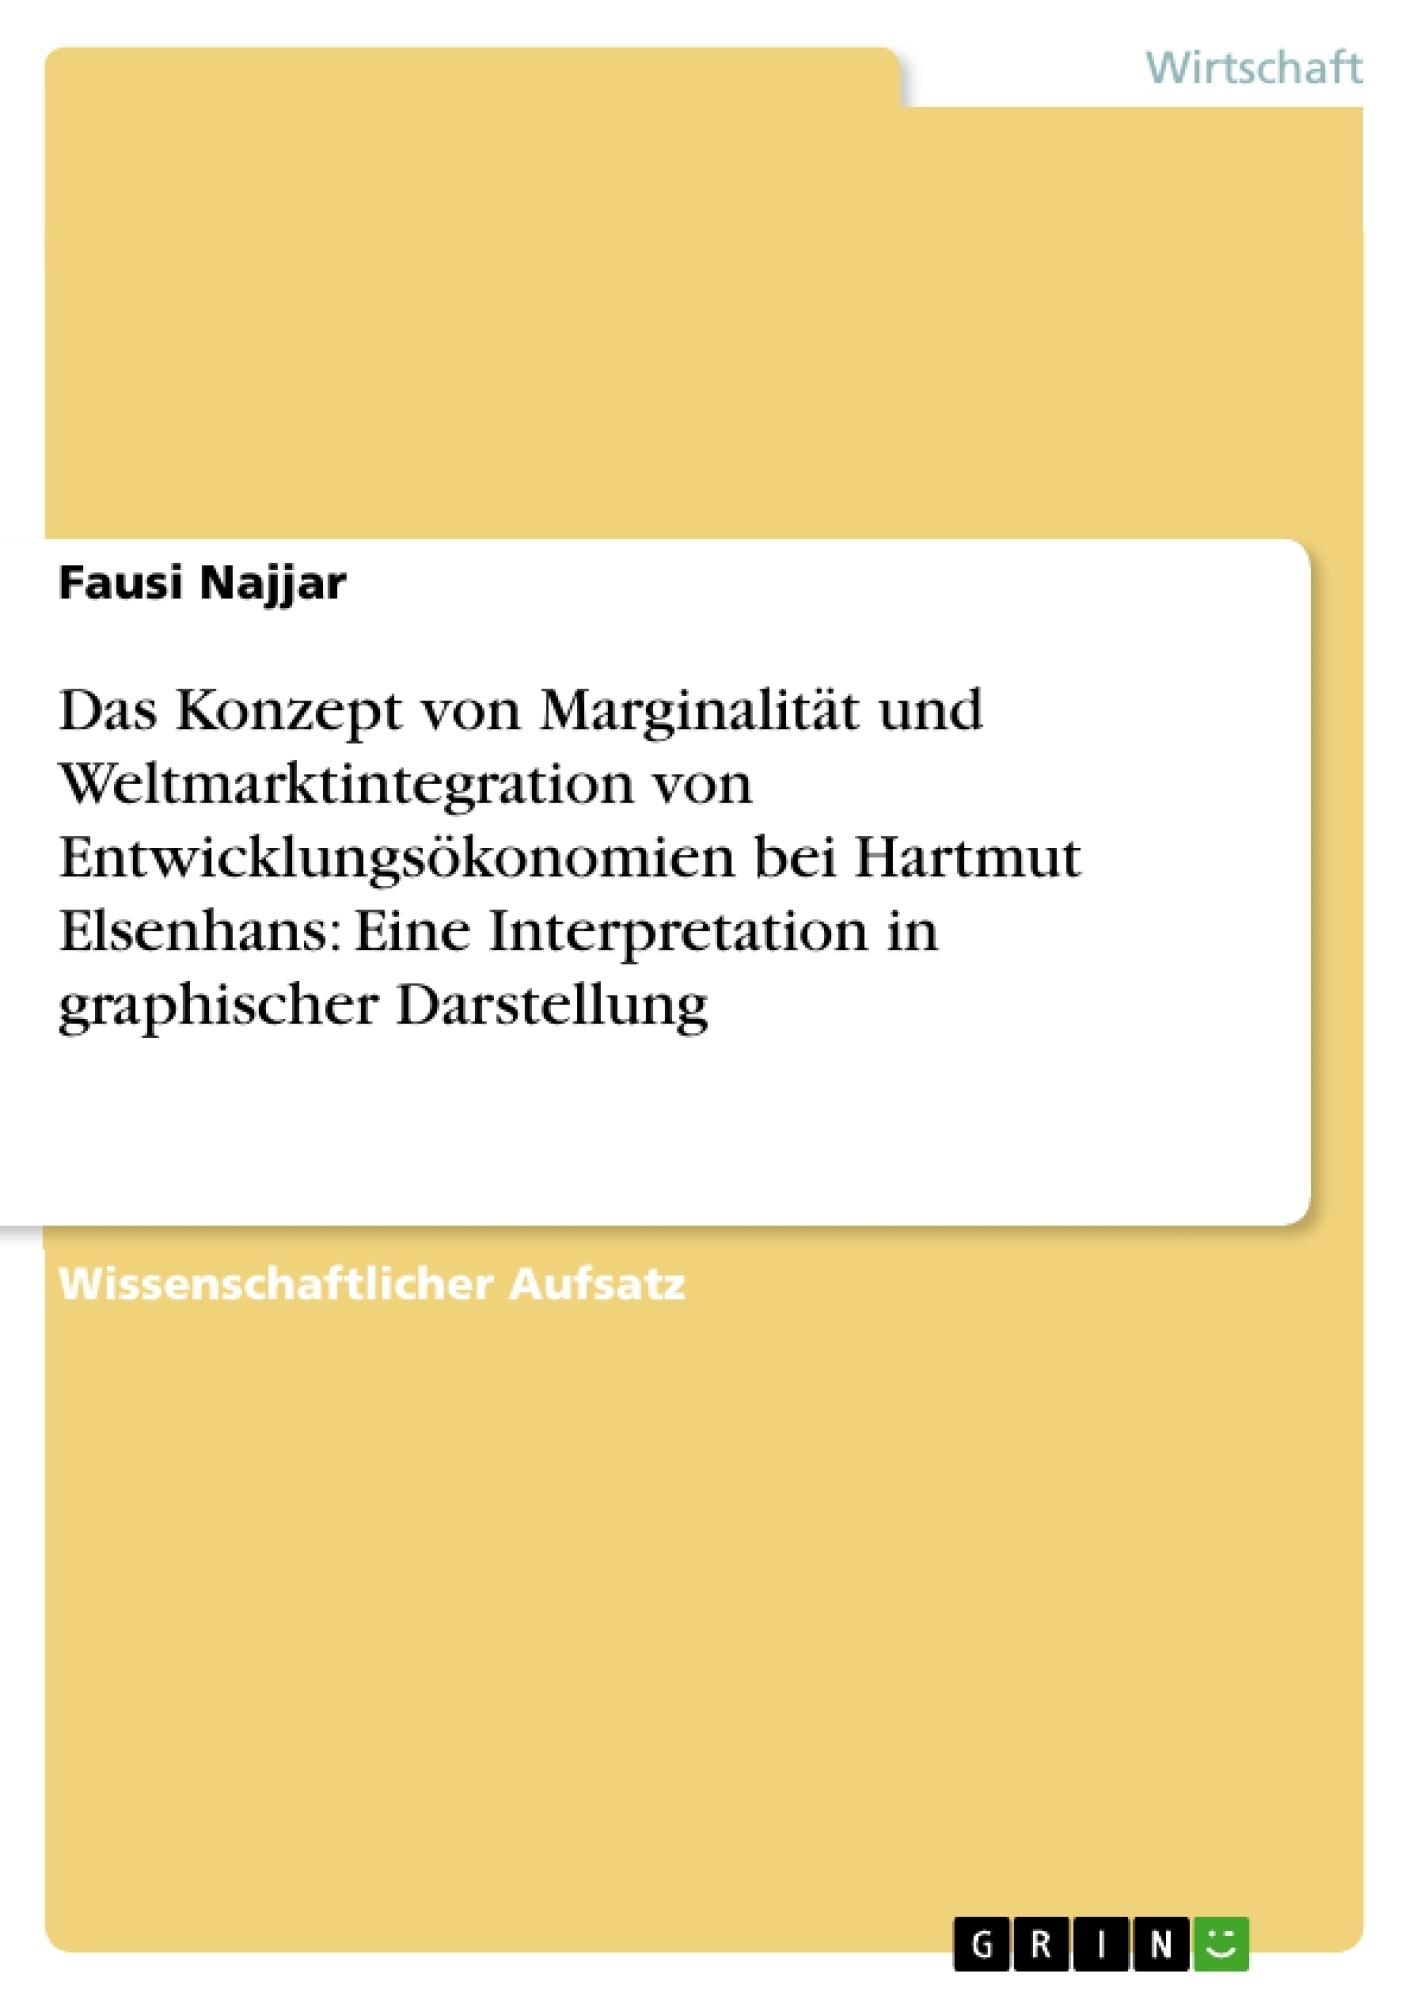 Titel: Das Konzept von Marginalität und Weltmarktintegration von Entwicklungsökonomien bei Hartmut Elsenhans: Eine Interpretation in graphischer Darstellung